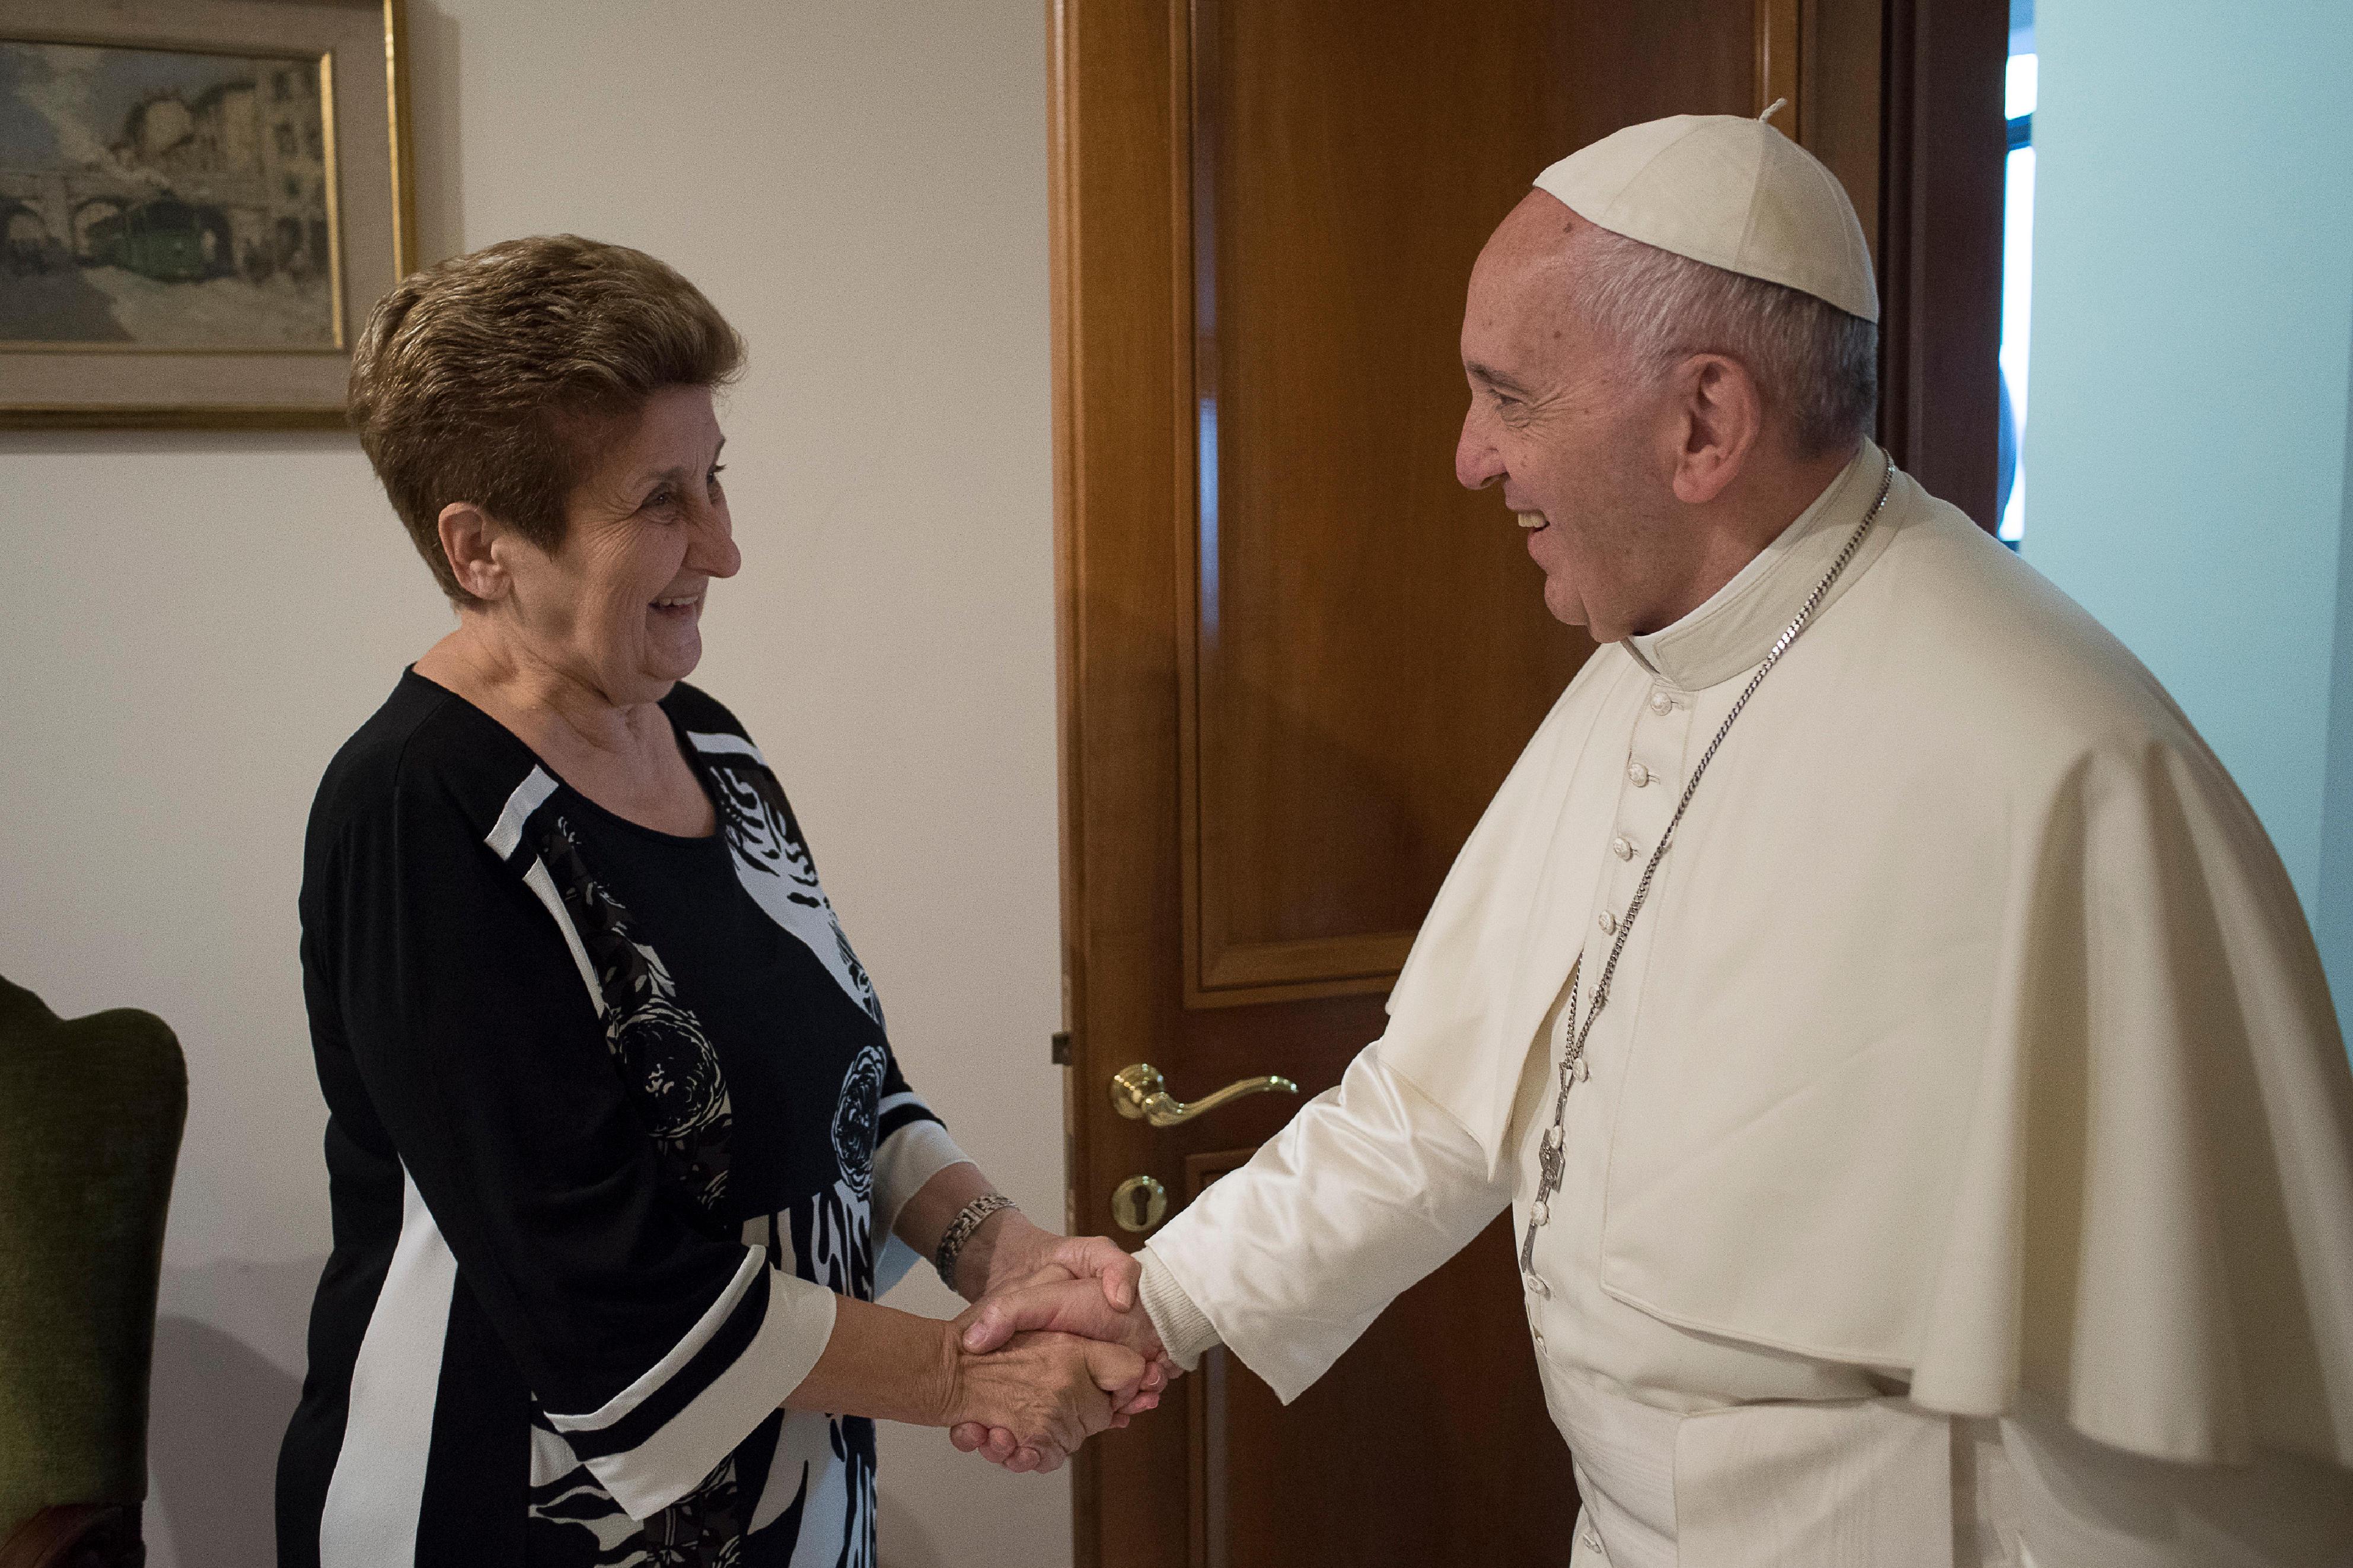 Le Dr Enoc reçue par le pape François © L'Osservatore Romano